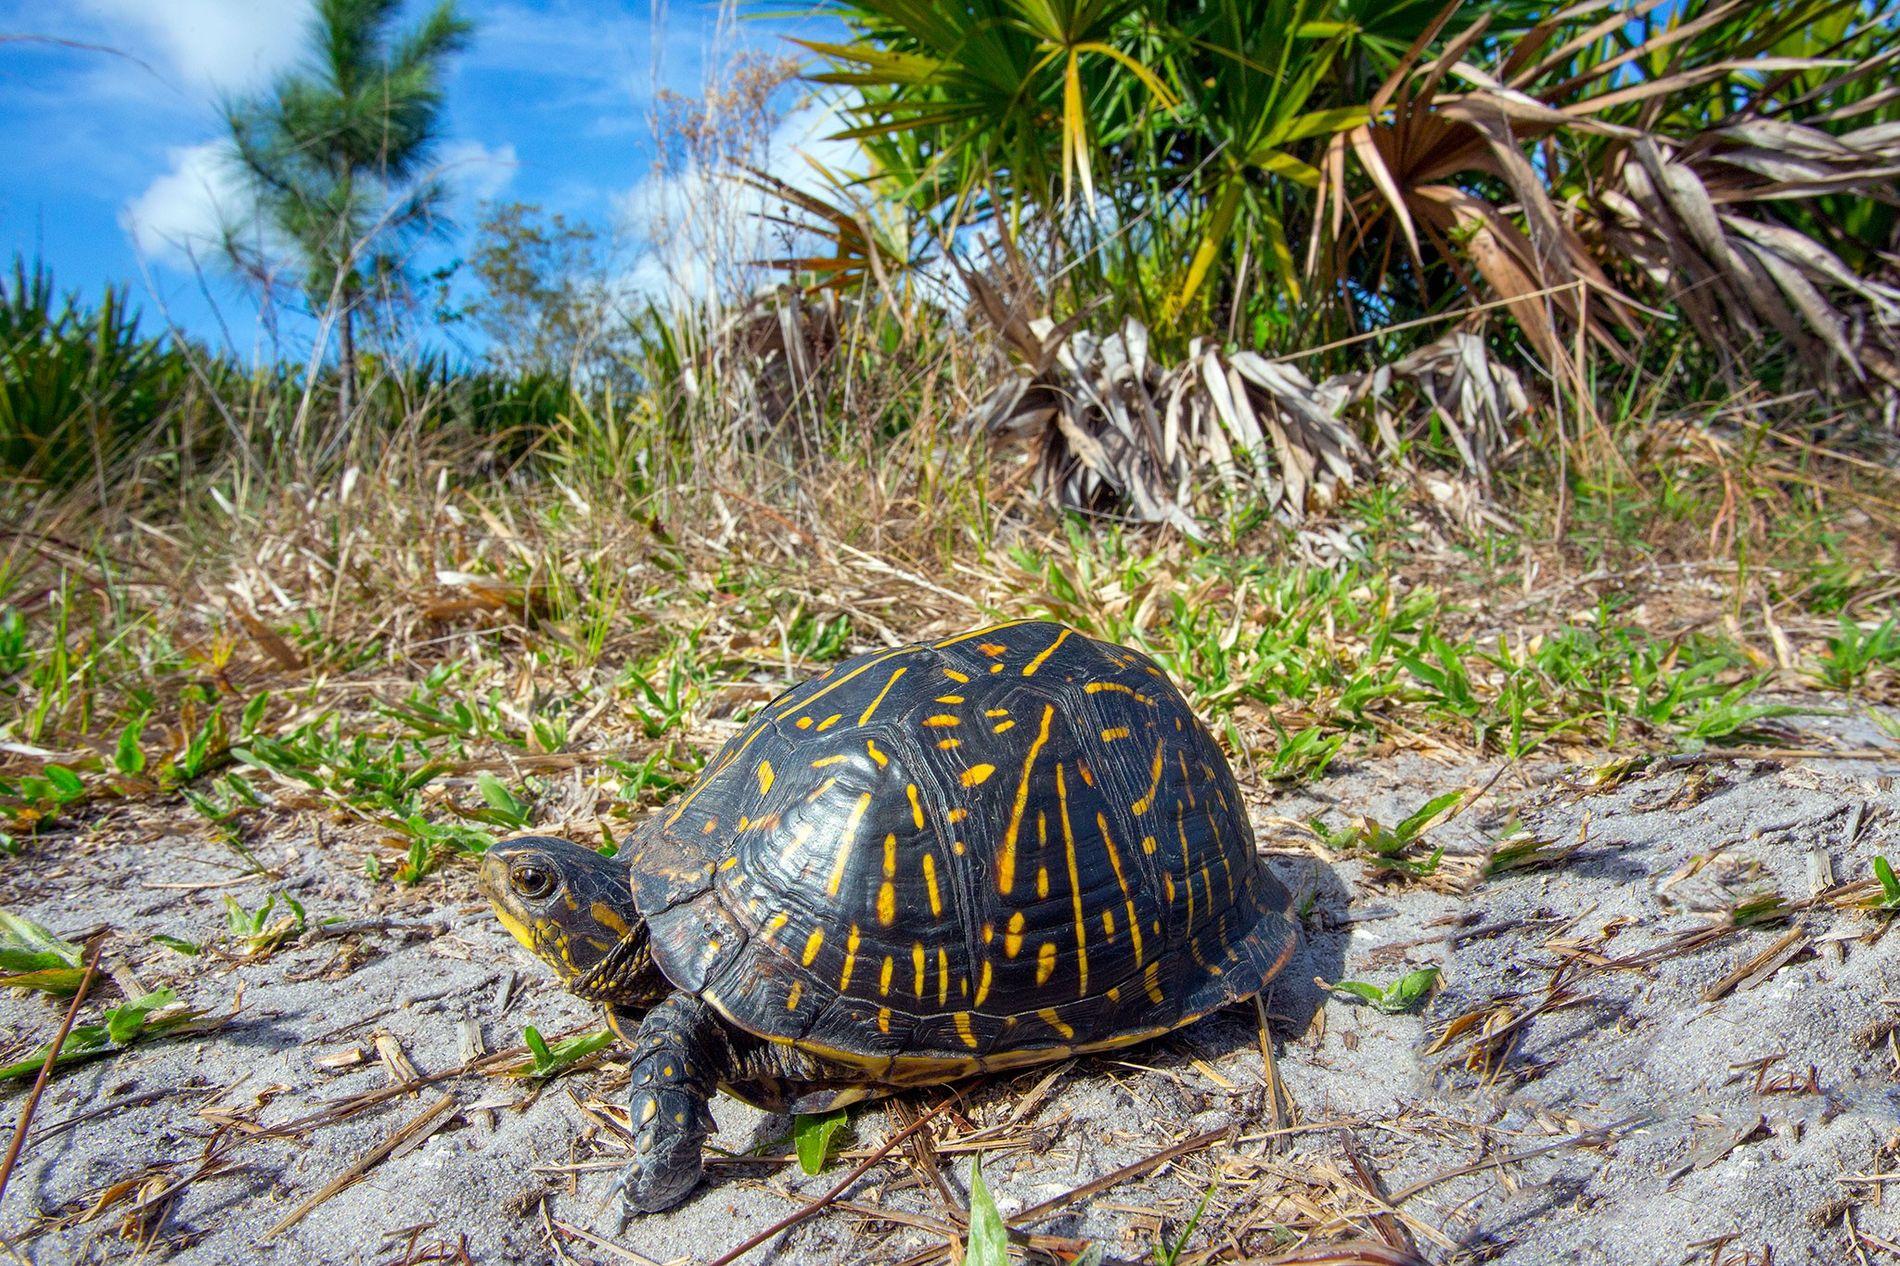 Los furtivos han capturado tortugas de caja de Florida como esta para los mercados asiáticos.